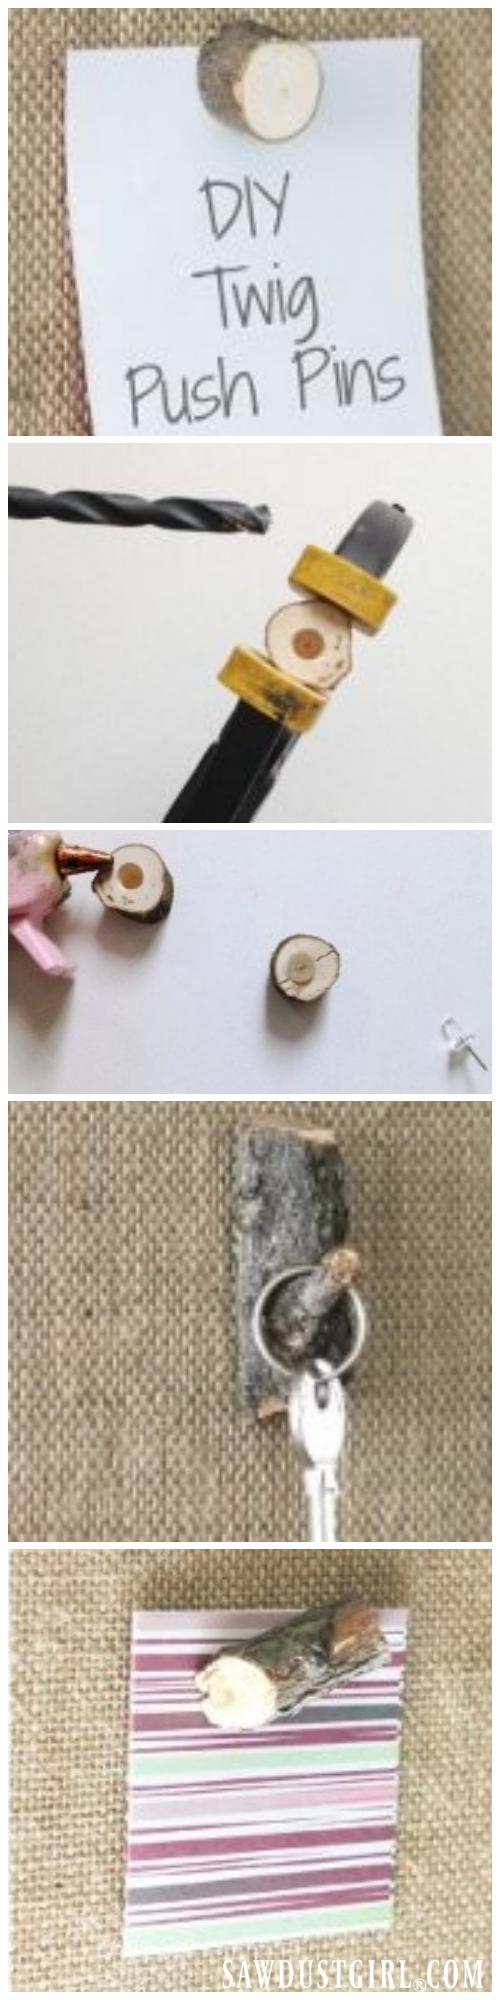 DIY Gift Ideas - Twig Push Pins